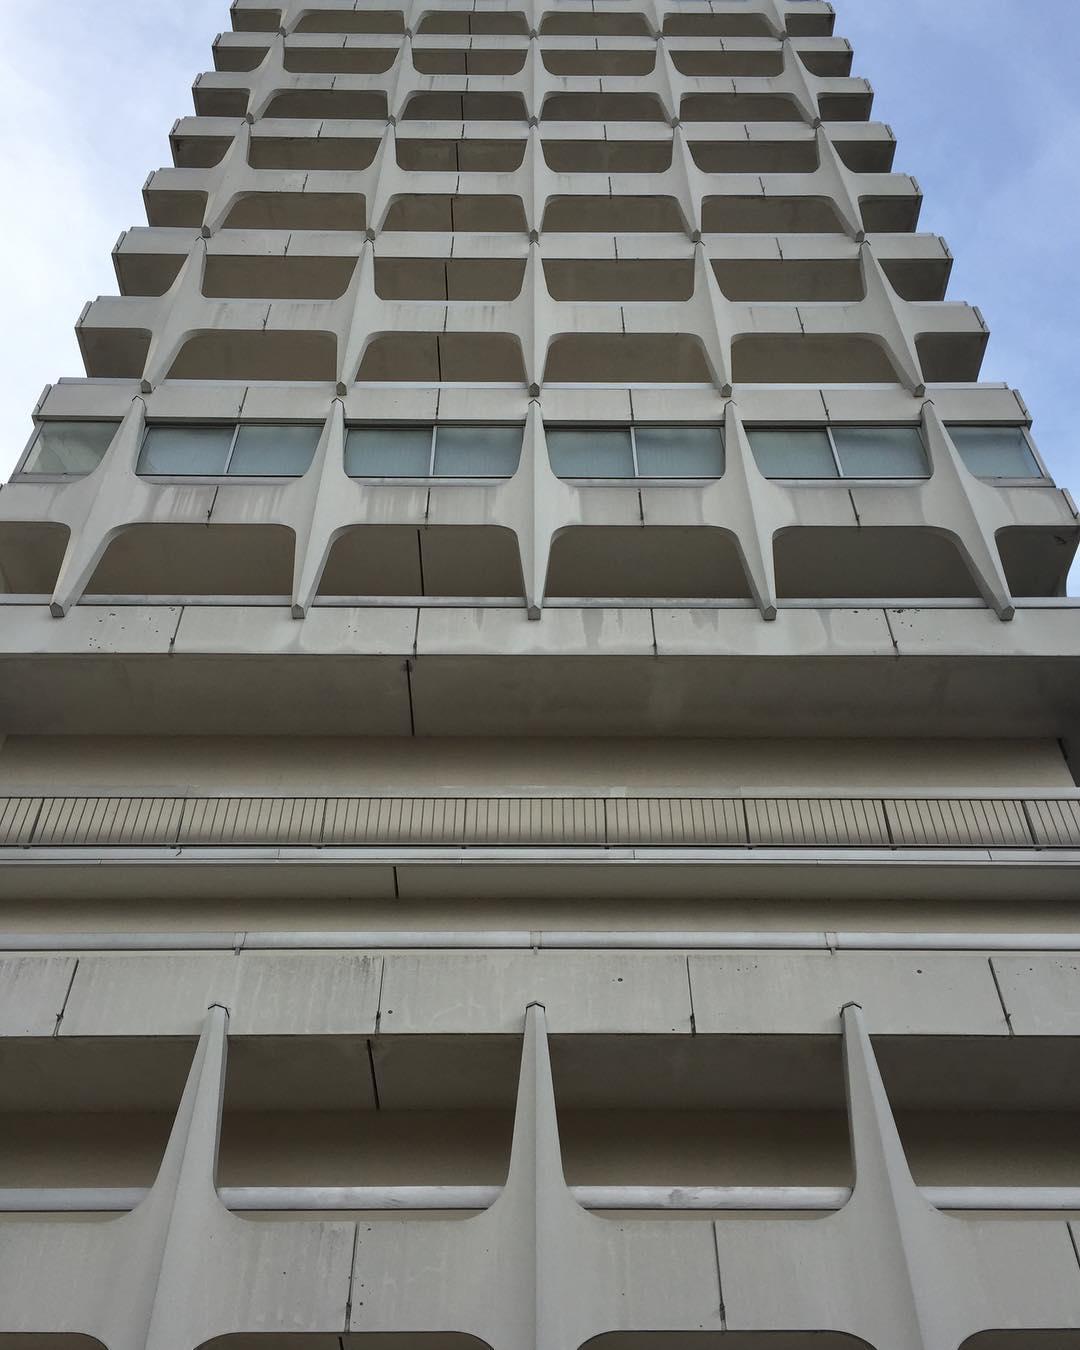 Qu estupidez pensar que esta foto del edificio podra transmitirhellip